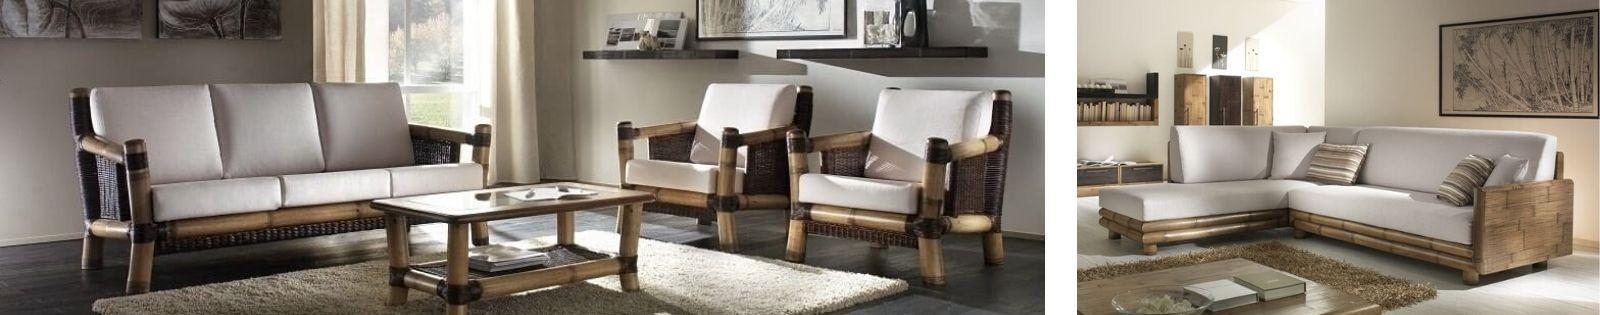 Canapé en bambou haute de gamme. Meuble pour le salon. Lotuséa